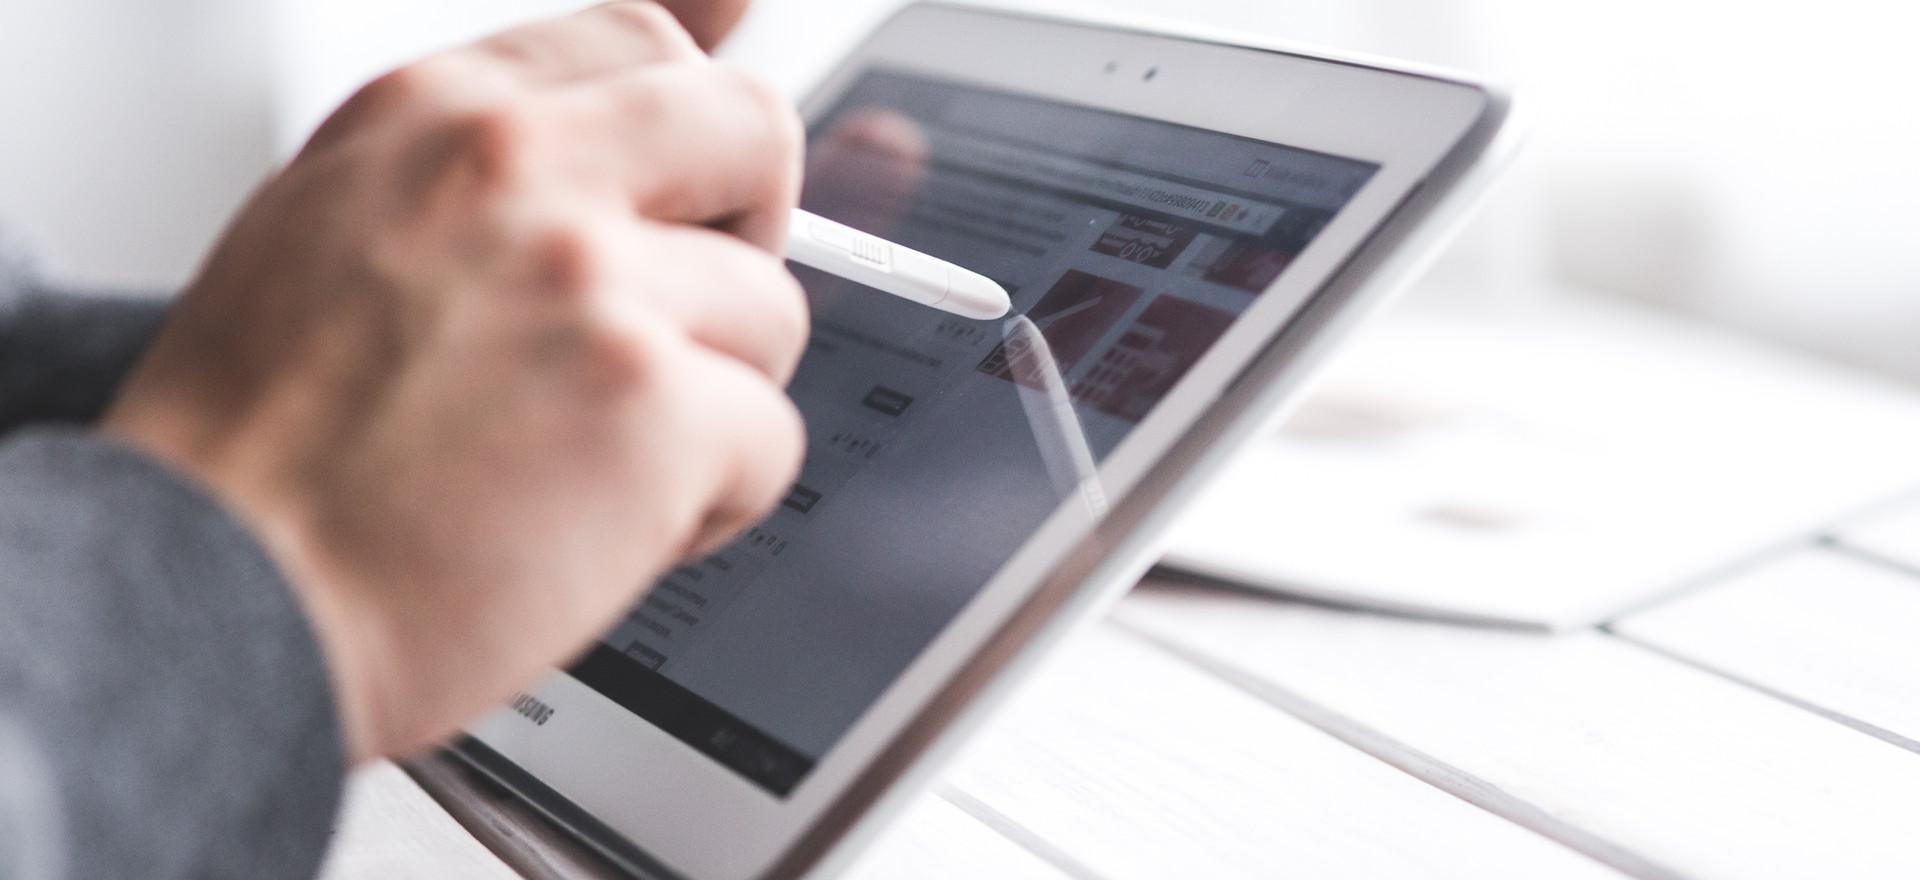 Pix Garantido pode vir a ser cartão de crédito do futuro | LER